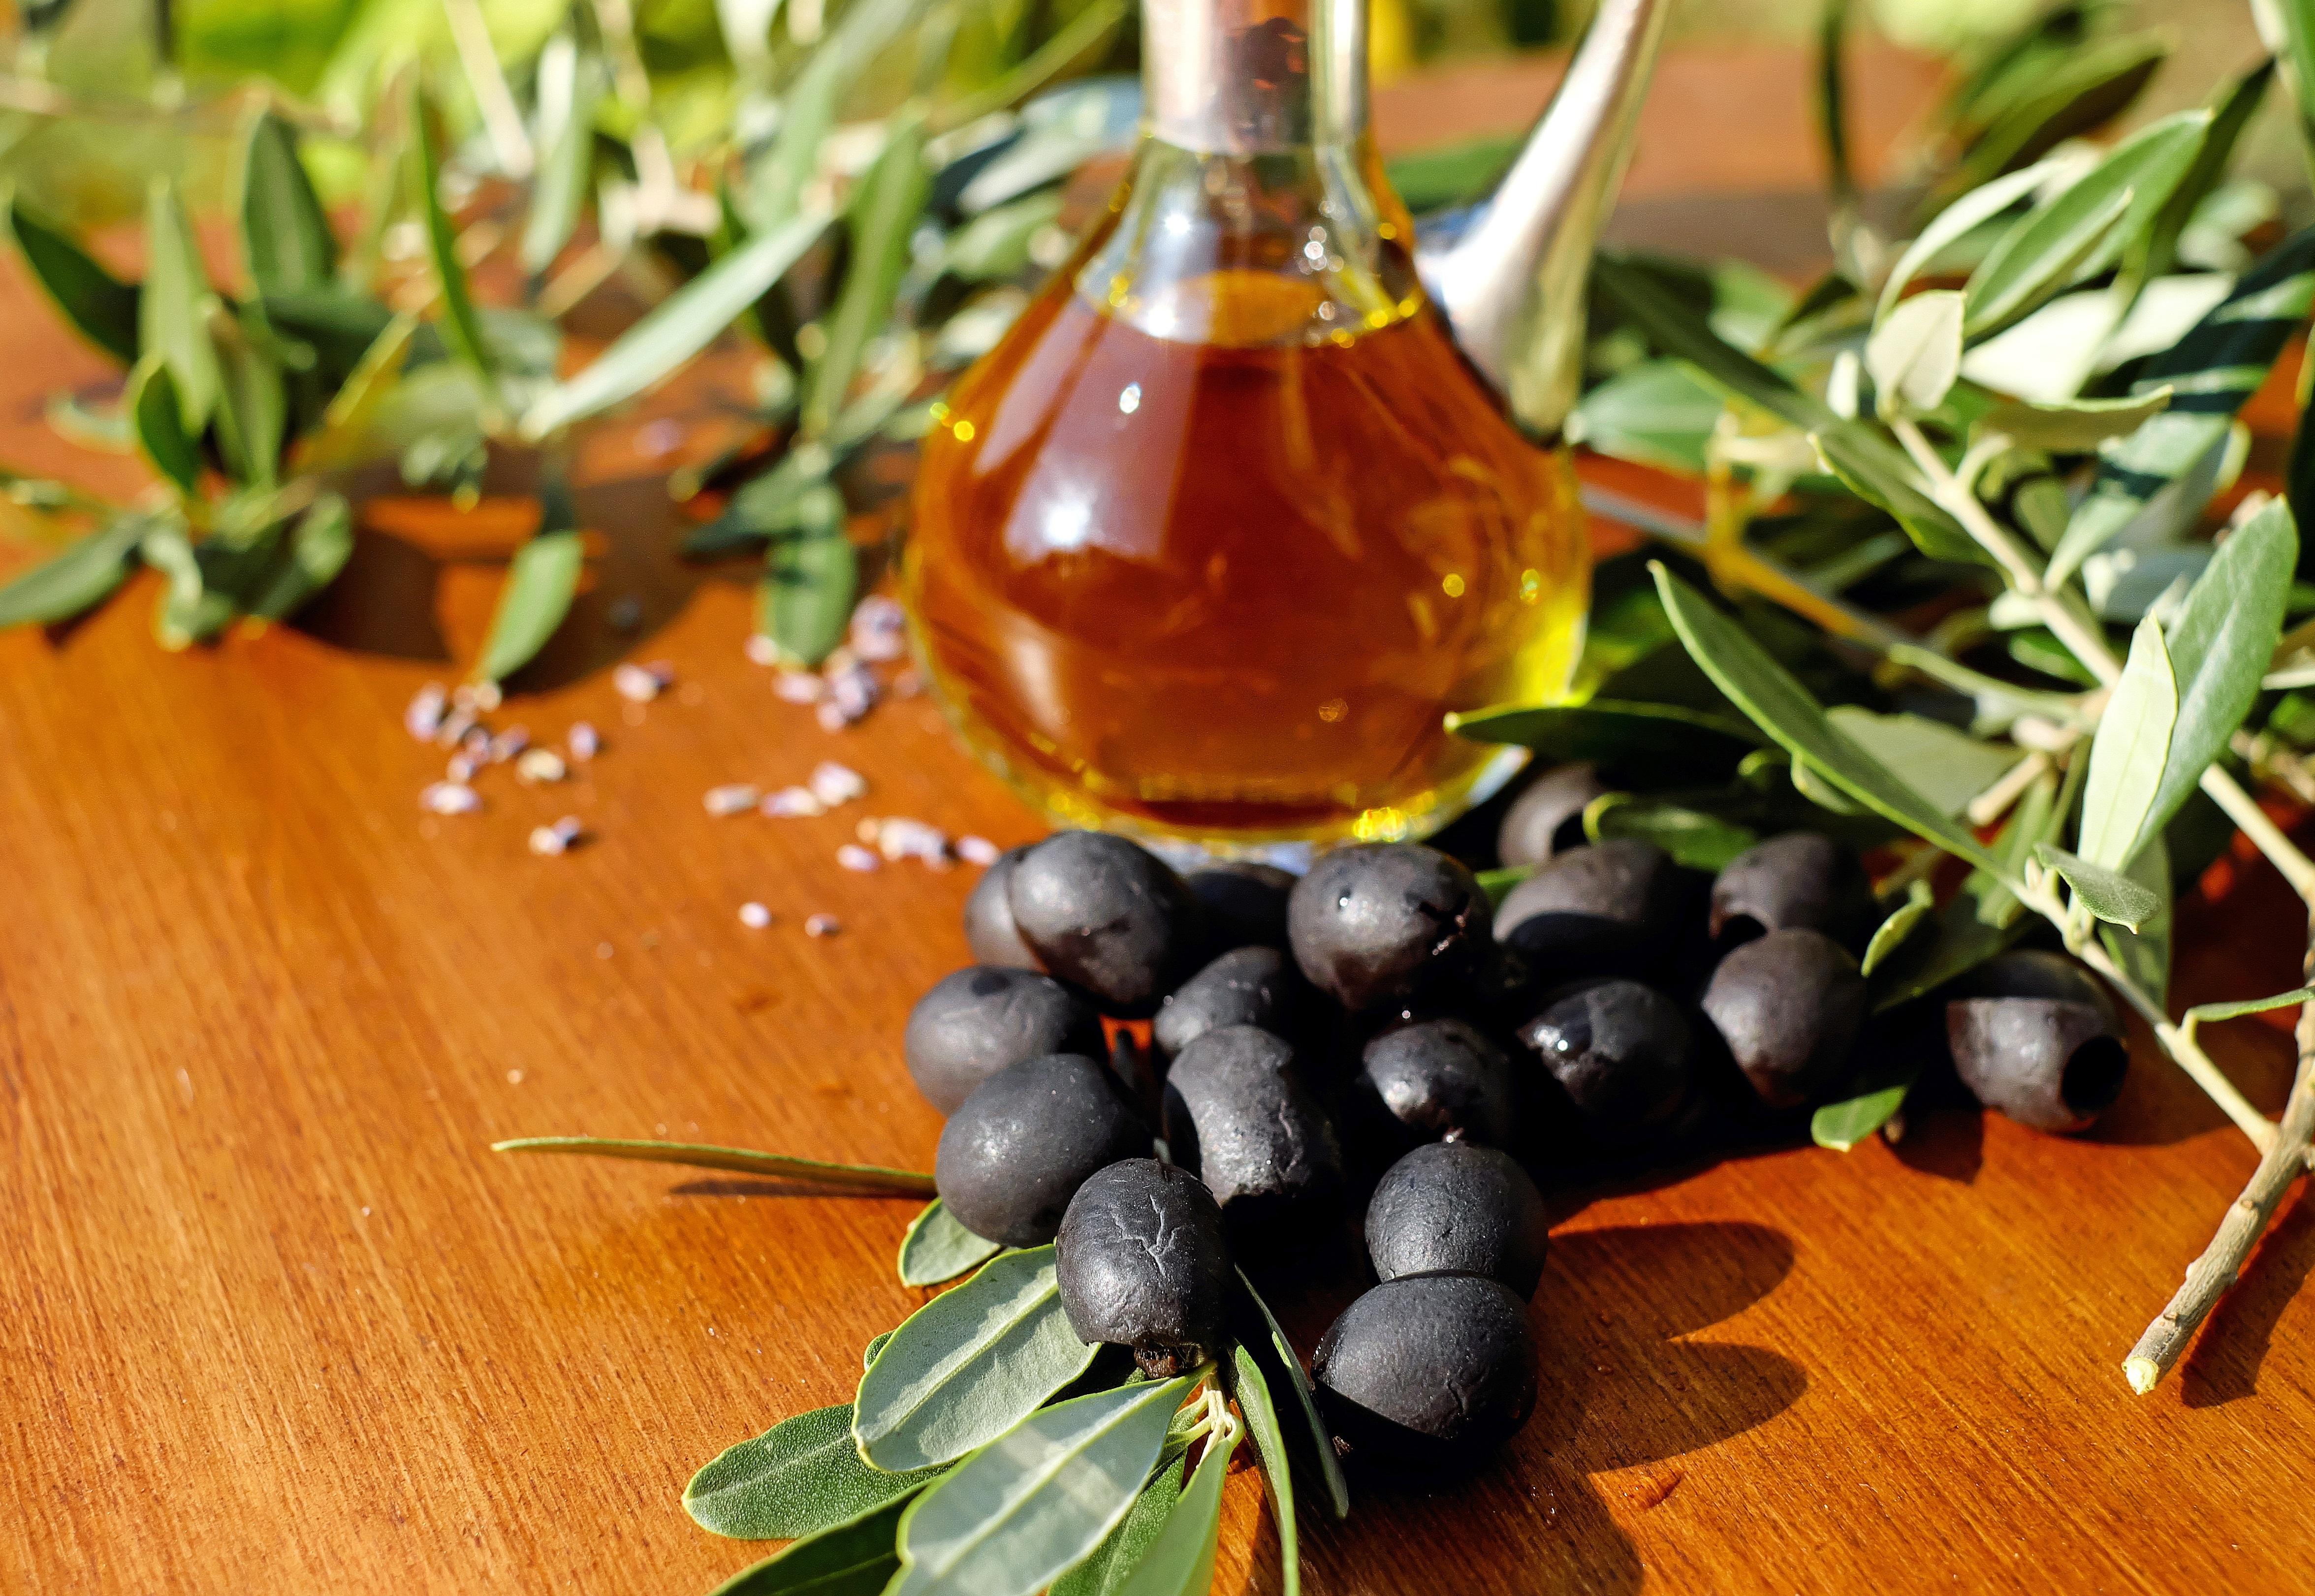 Оливки или маслины в чём разница и польза? Разновидности 48